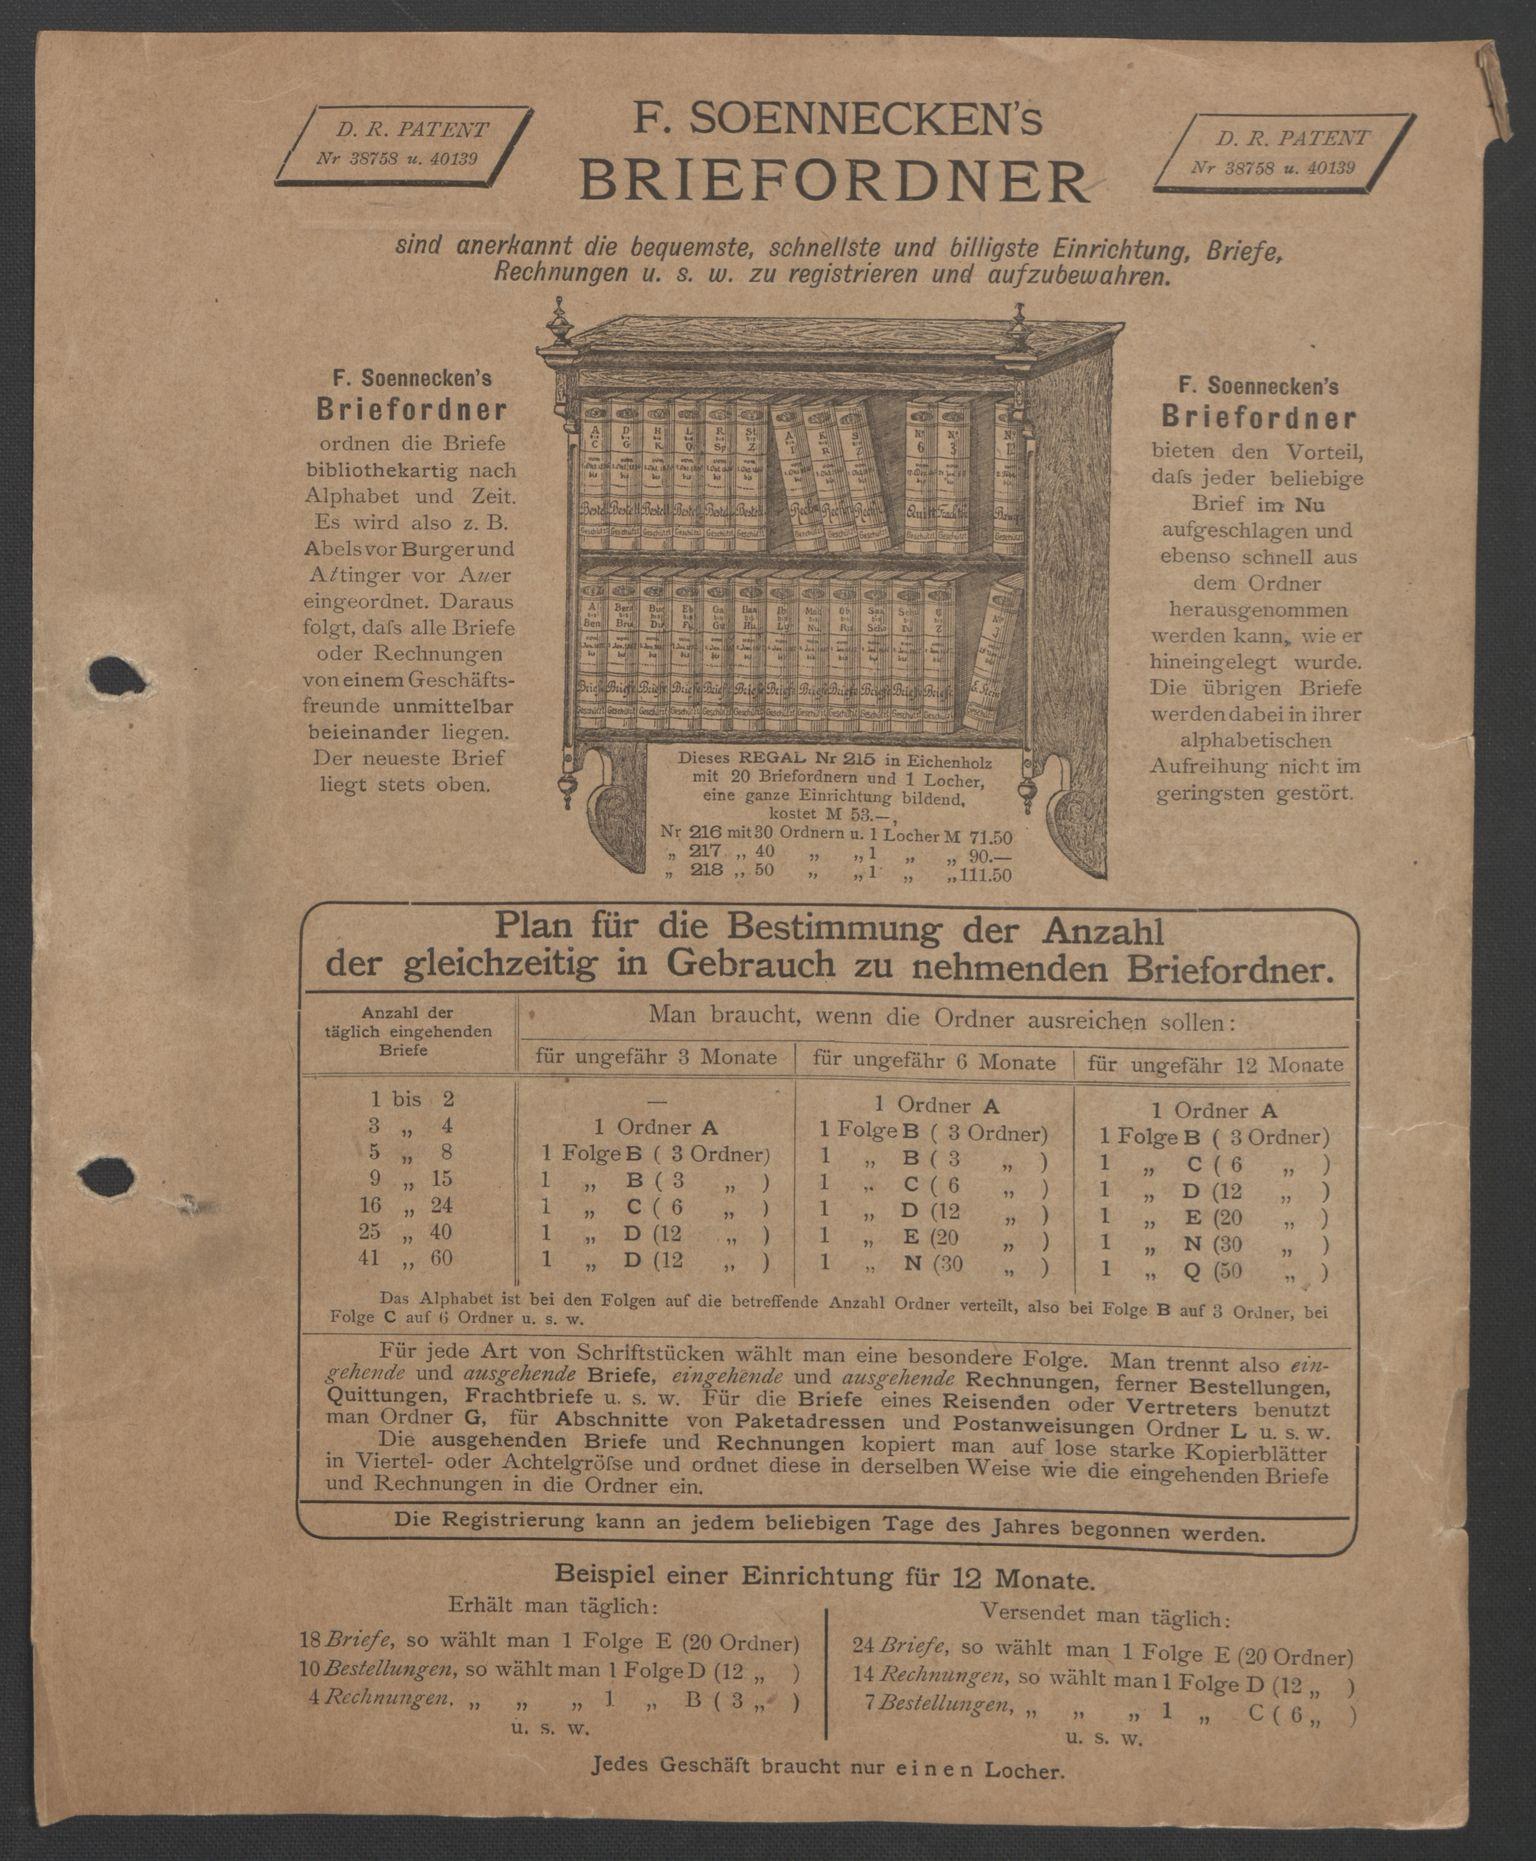 RA, Arbeidskomitéen for Fridtjof Nansens polarekspedisjon, D/L0004: Innk. brev og telegrammer vedr. proviant og utrustning, 1892-1893, s. 3